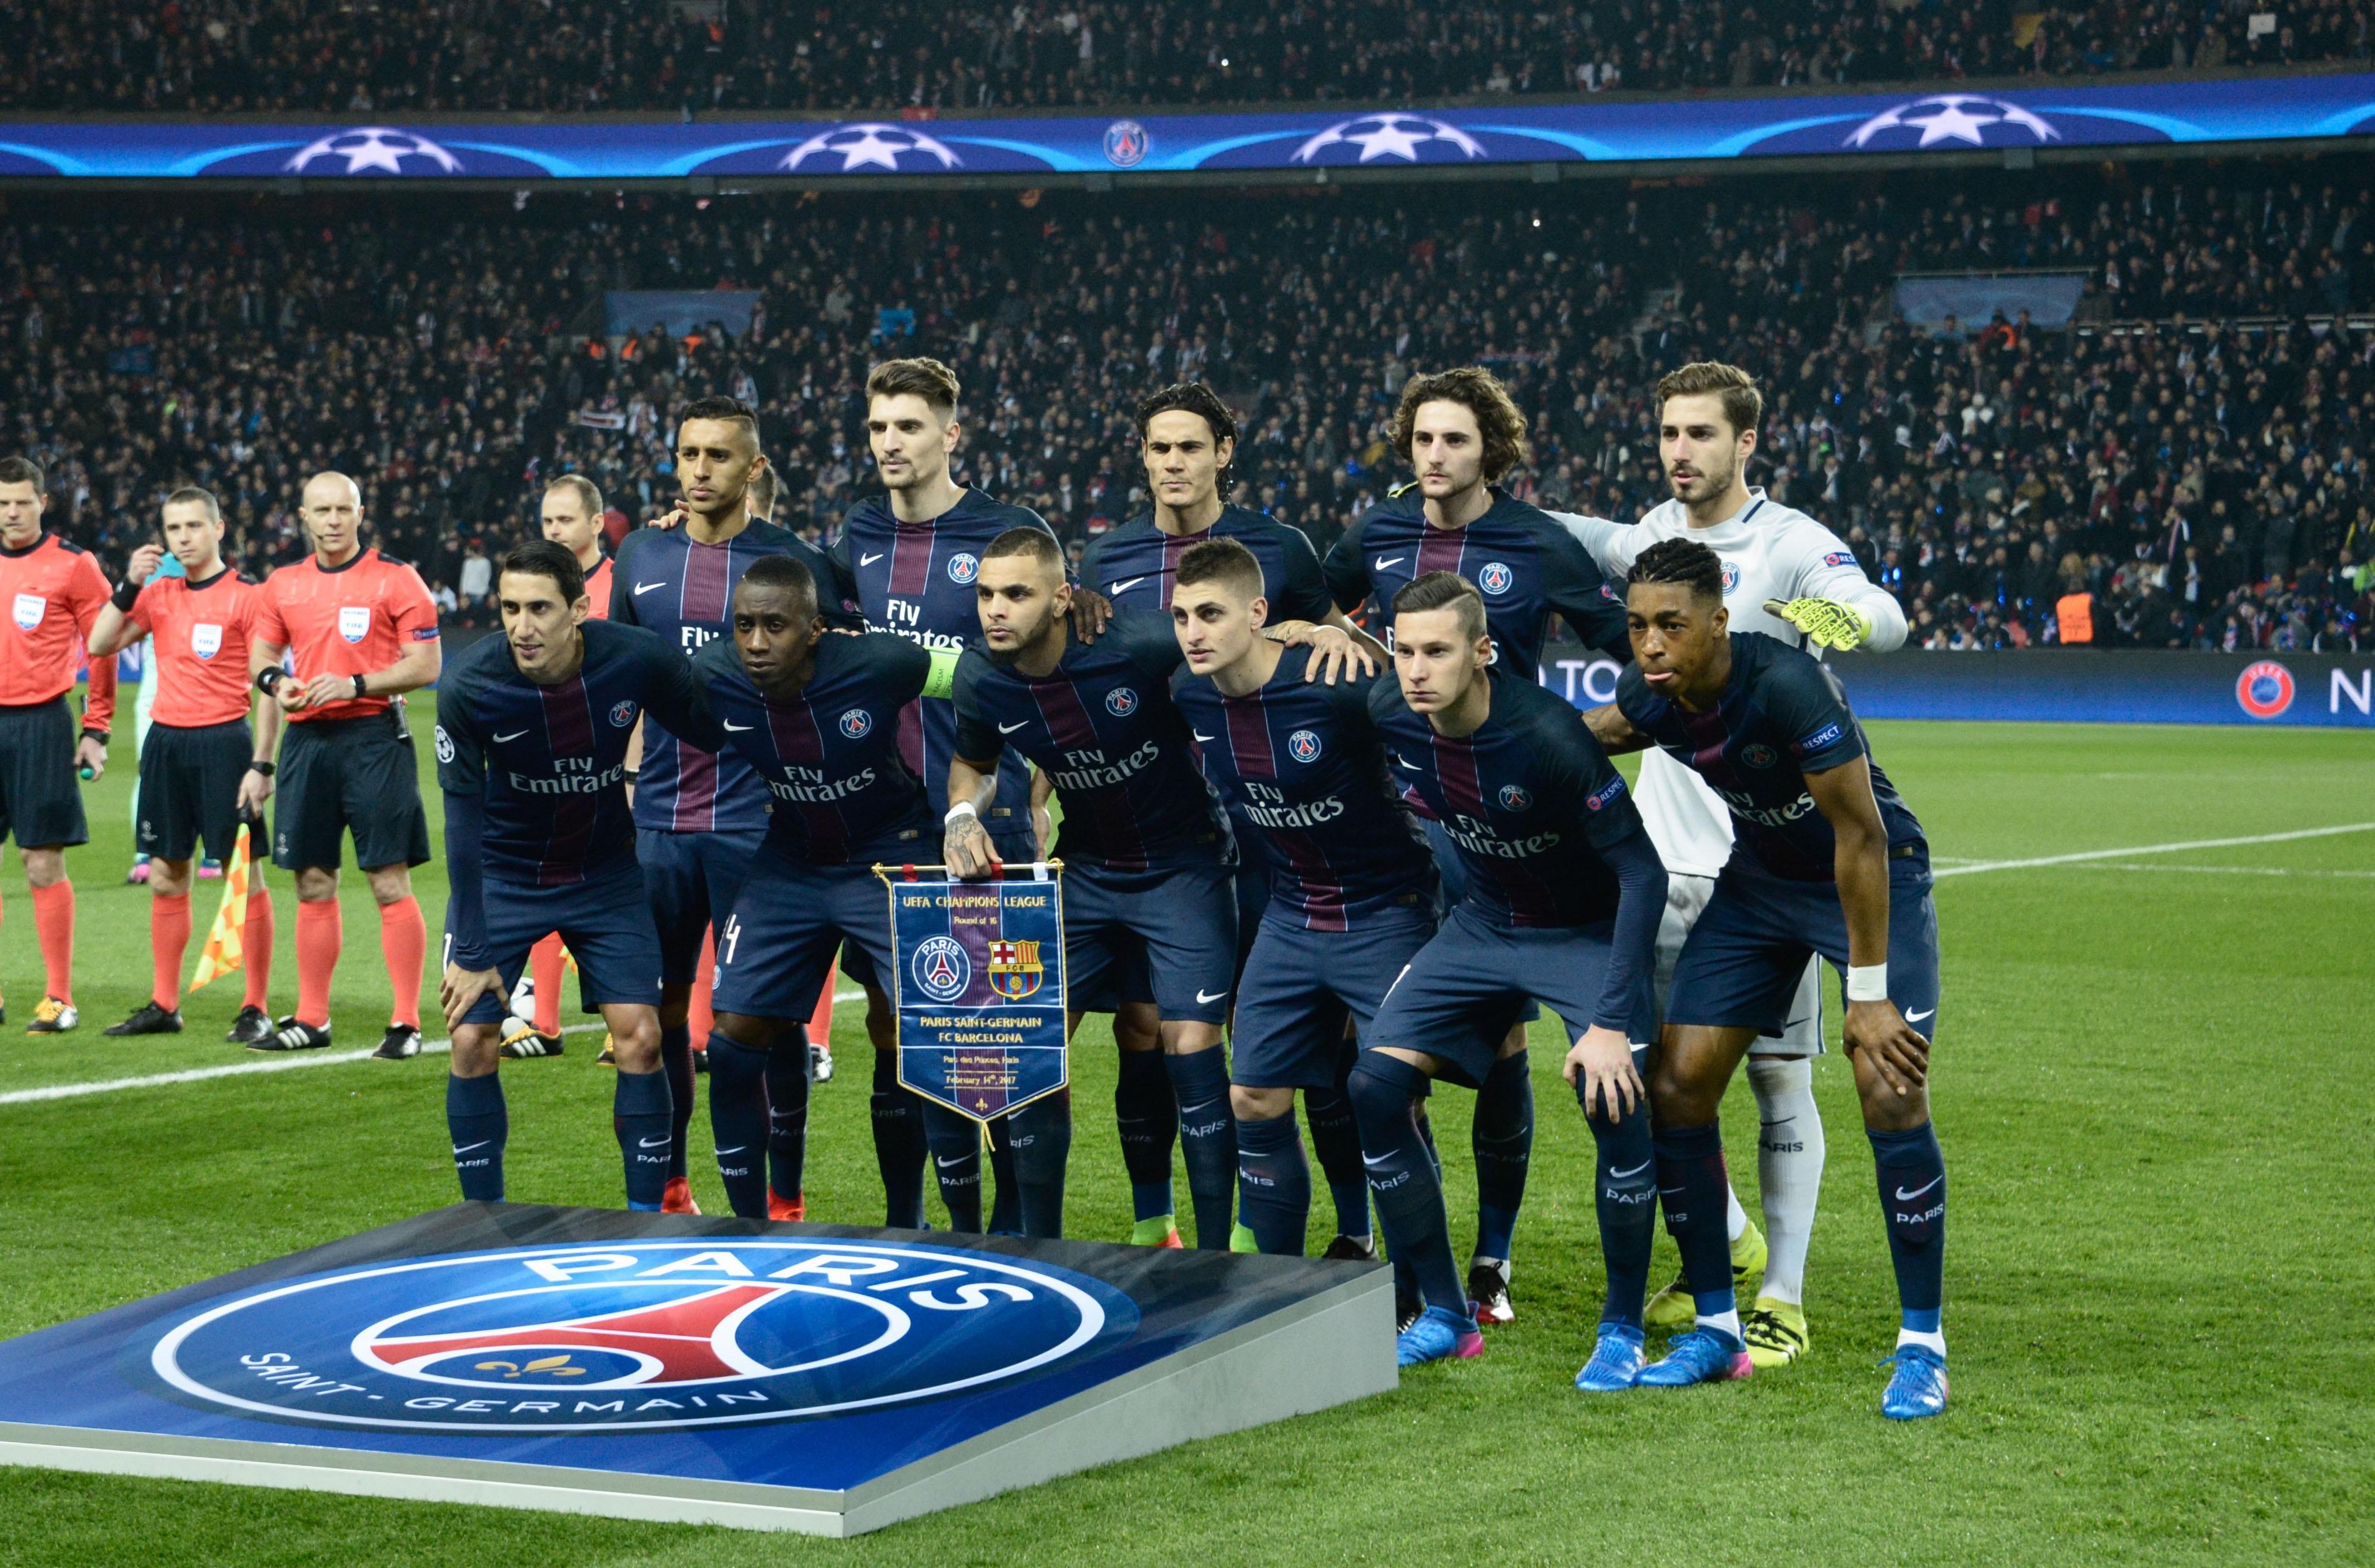 Albums photos - PSG - Barcelone : les plus beaux matchs parisiens en images - Onze Mondial